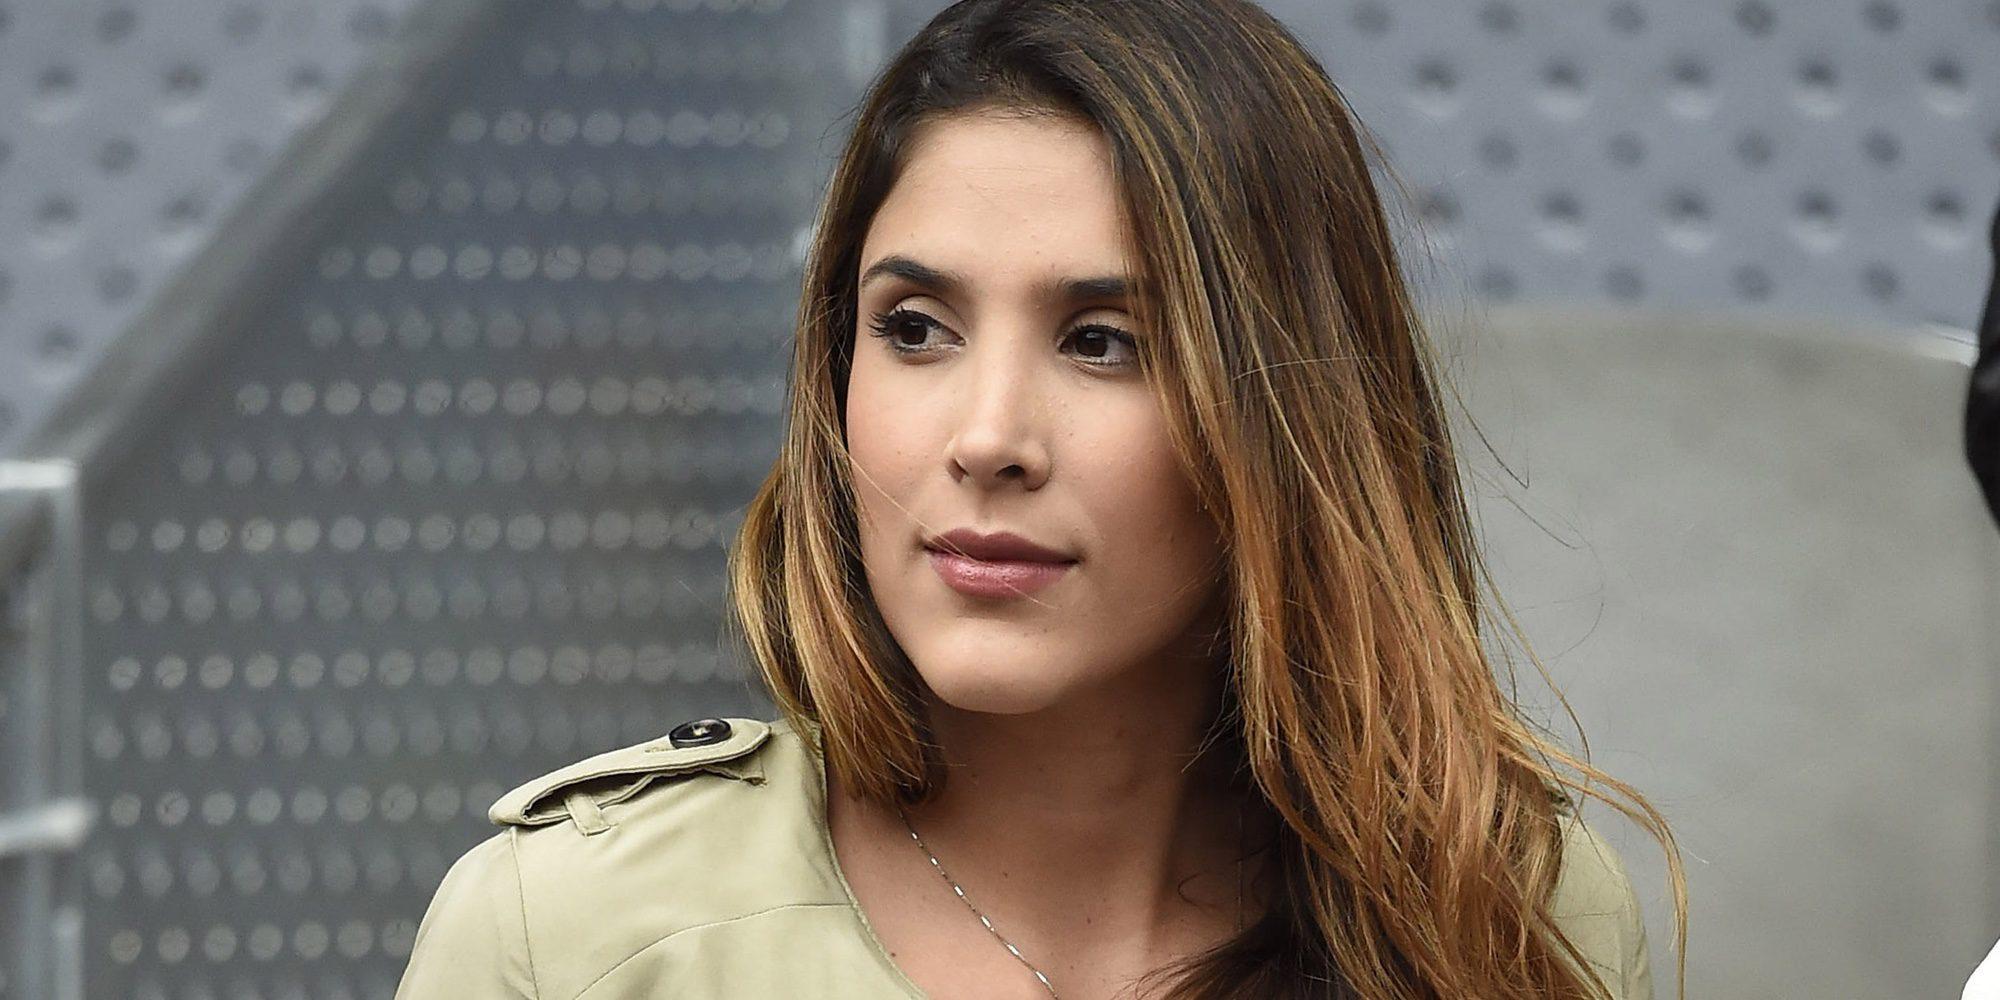 Georgina Rodríguez y su especial relación Daniela Ospina tras separarse de James Rodríguez